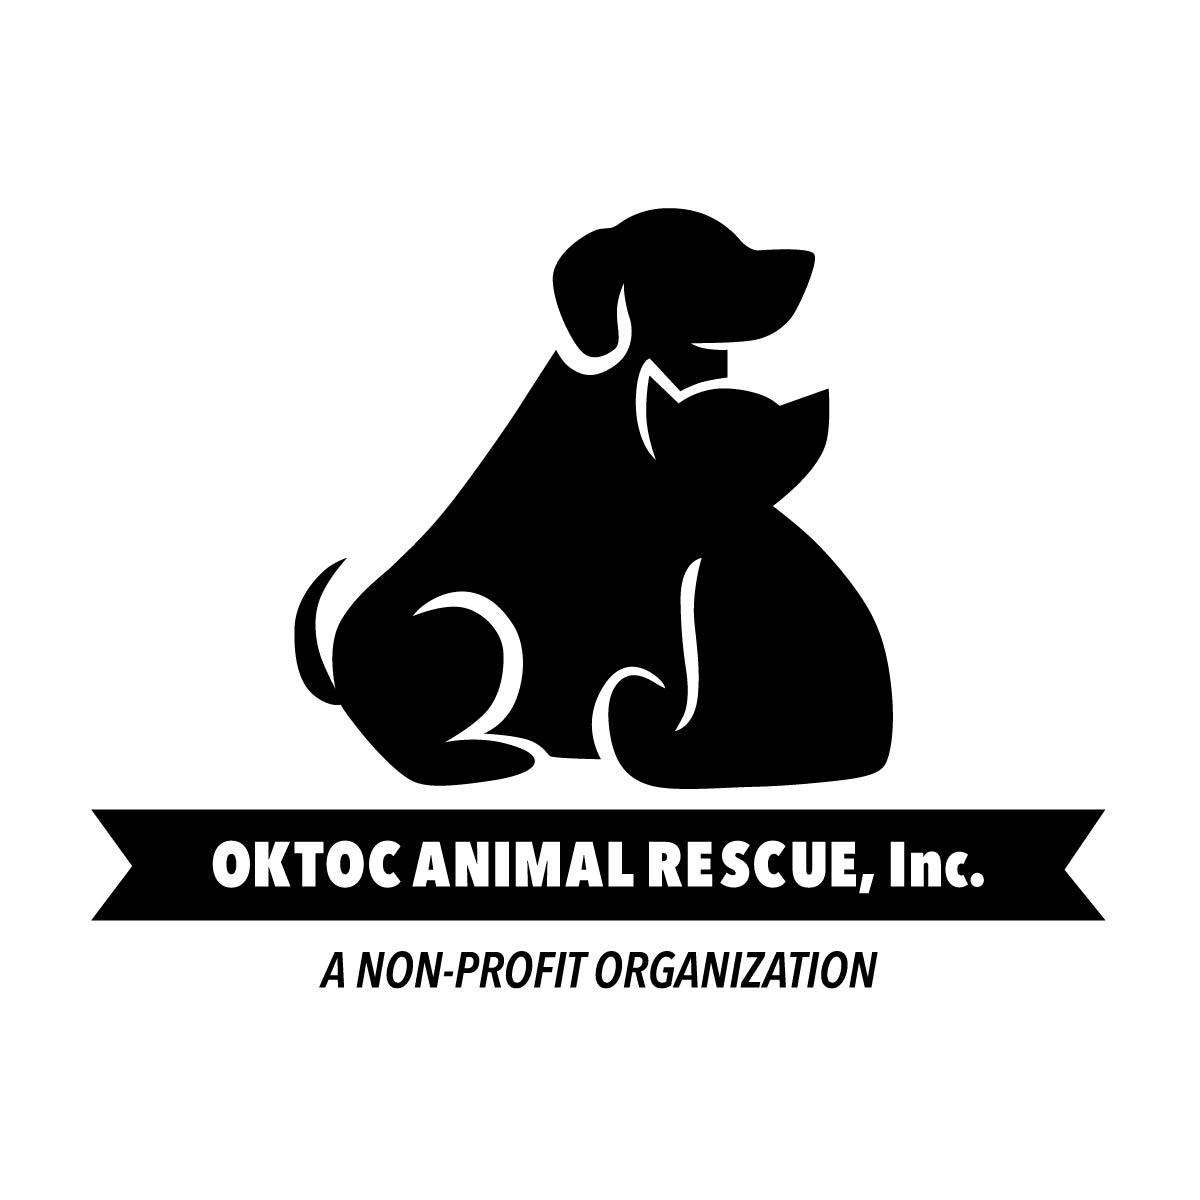 Oktoc Animal Rescue, Inc.